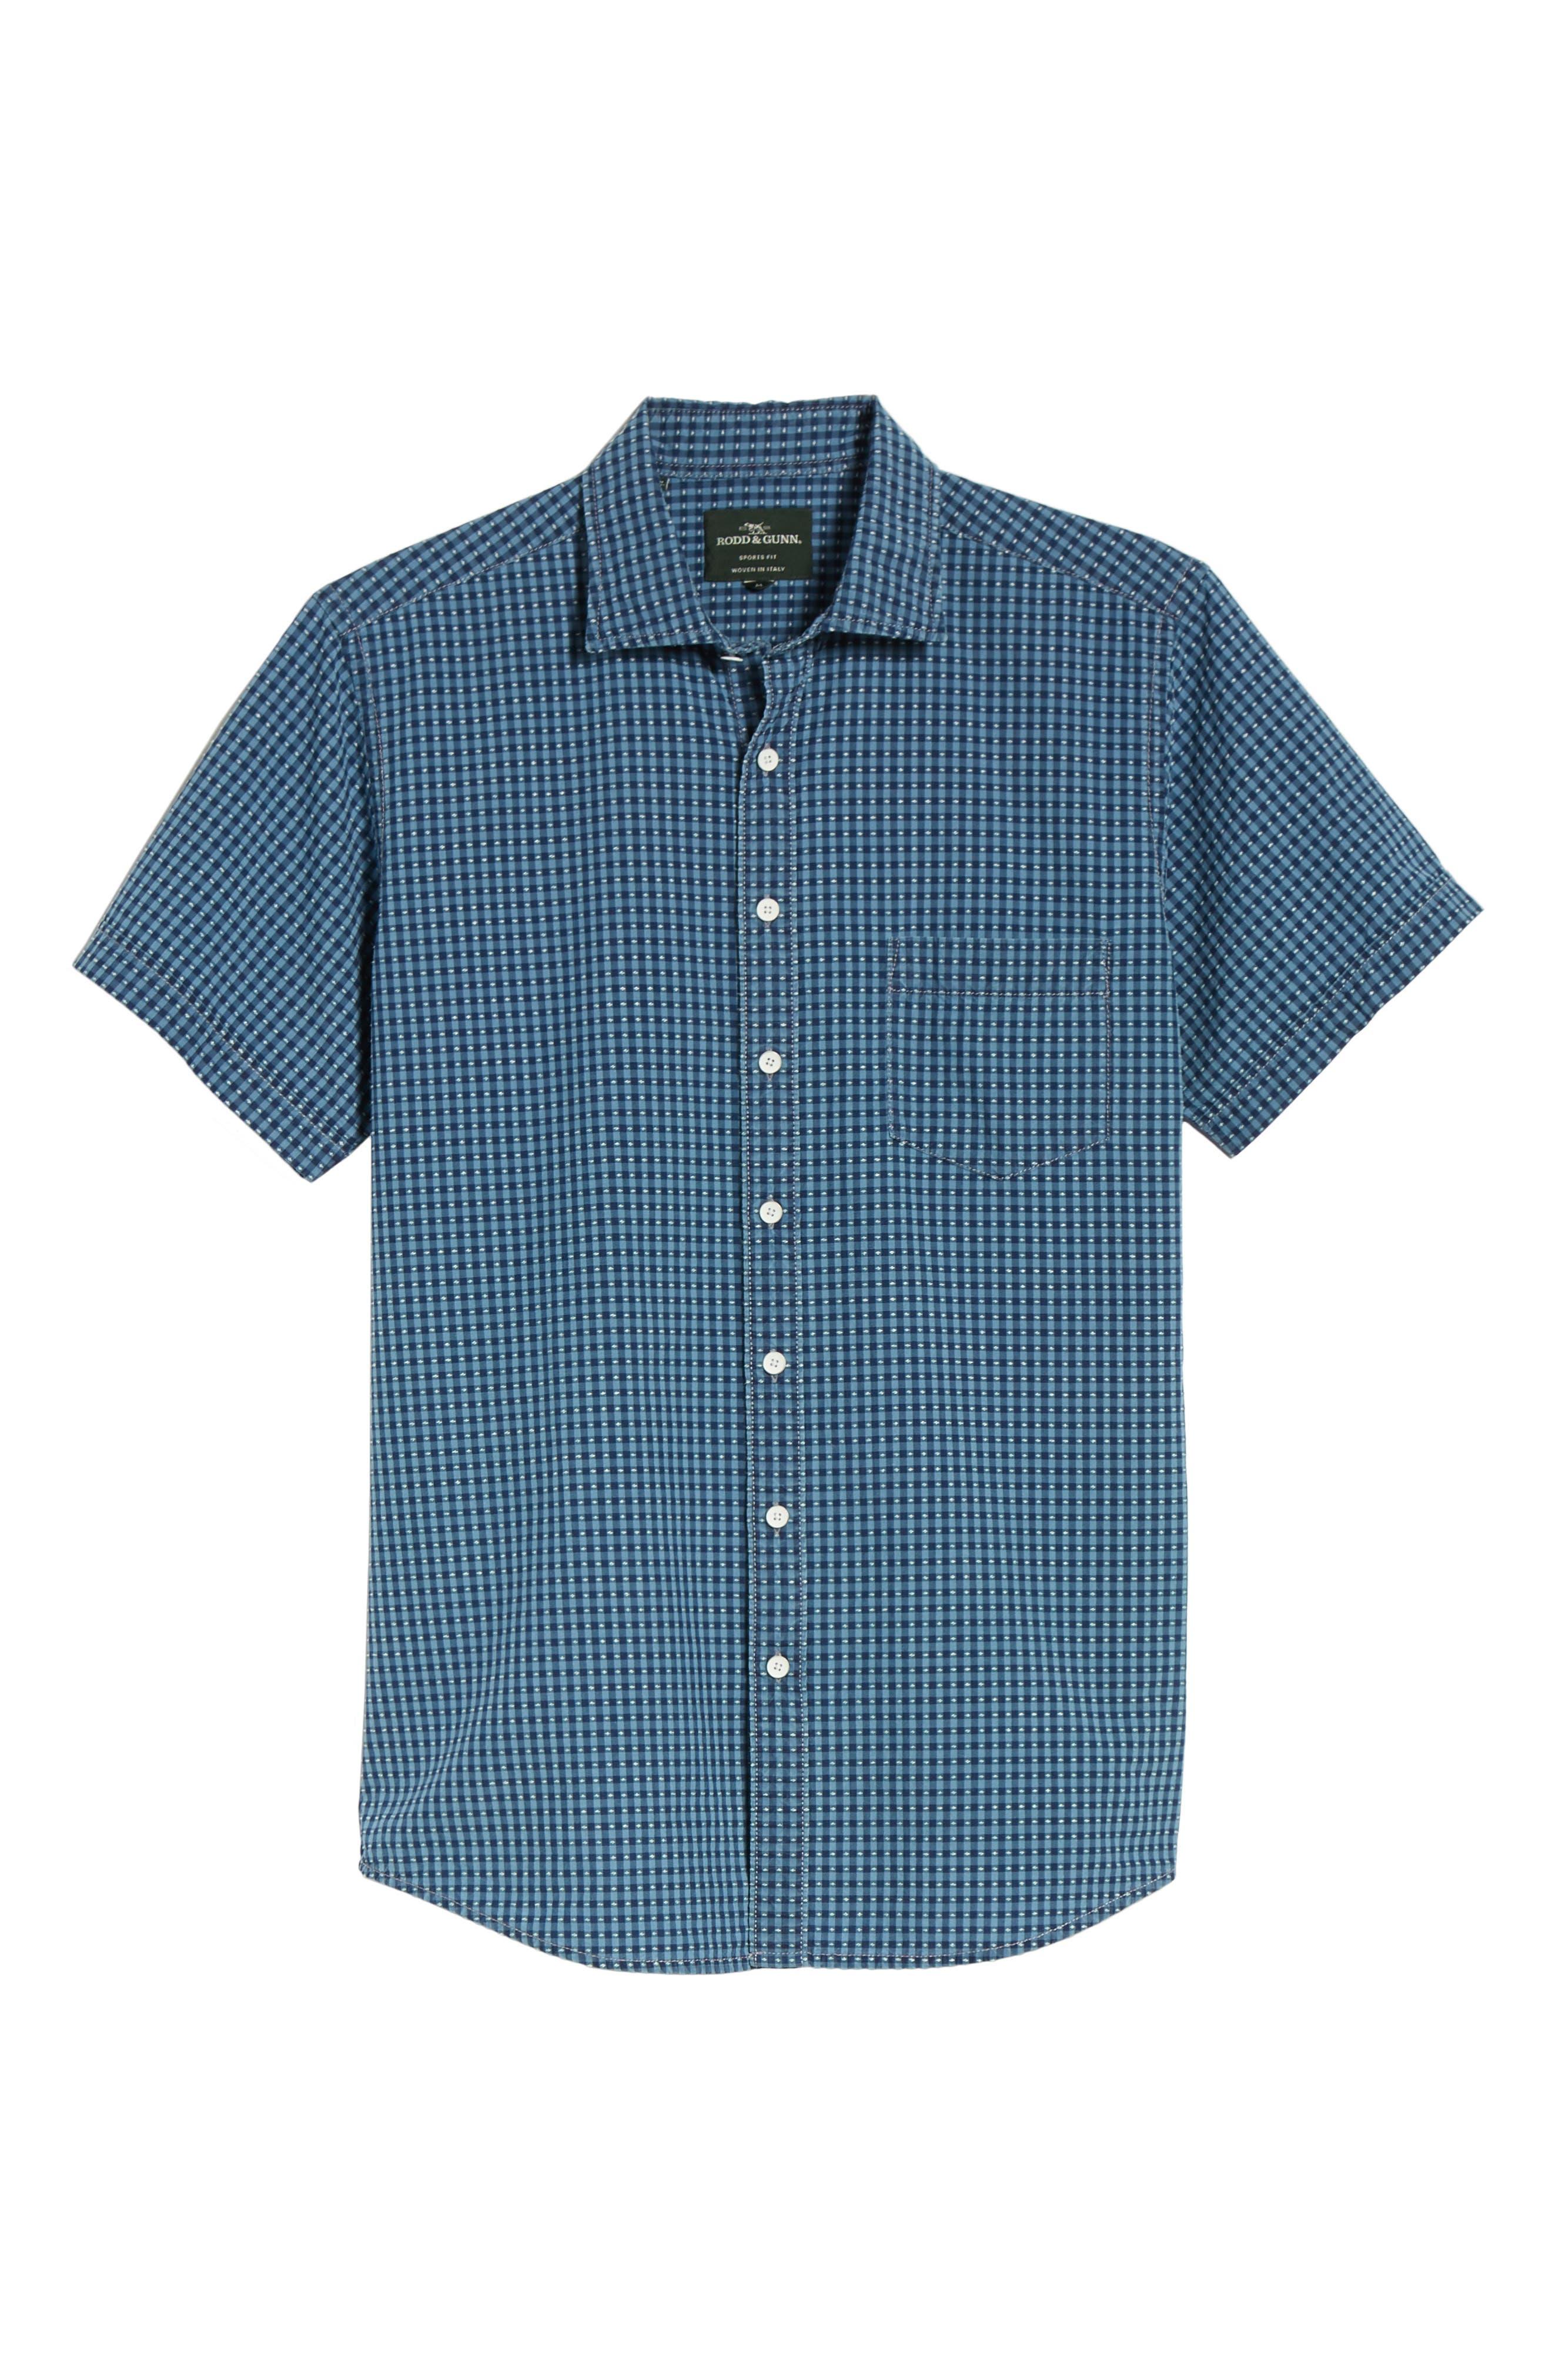 RODD & GUNN,                             Sandon Block Sport Shirt,                             Alternate thumbnail 6, color,                             420